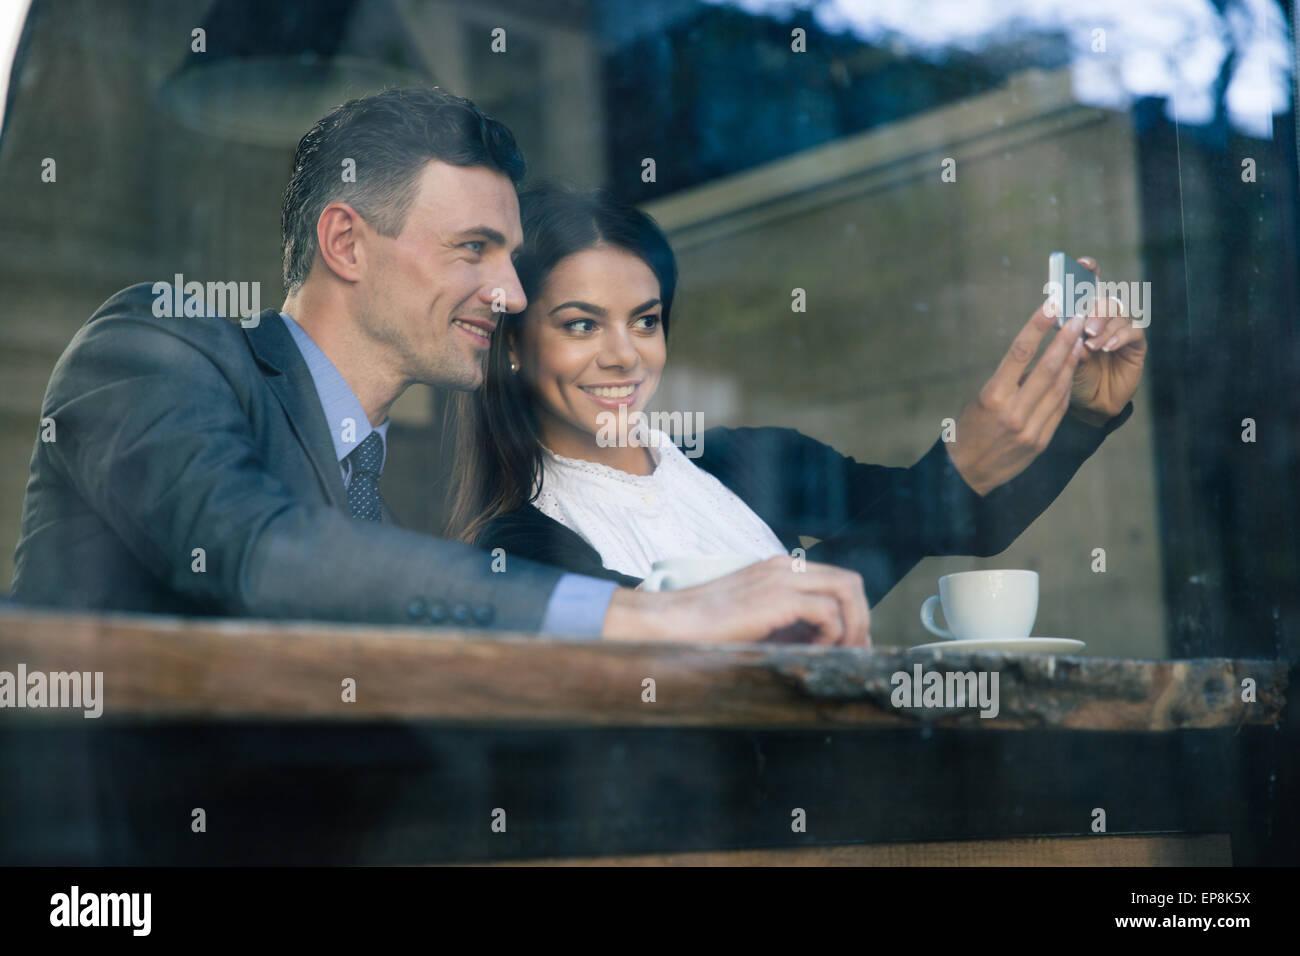 Imprenditrice sorridente e imprenditore rendendo selfie foto sullo smartphone in cafe Immagini Stock